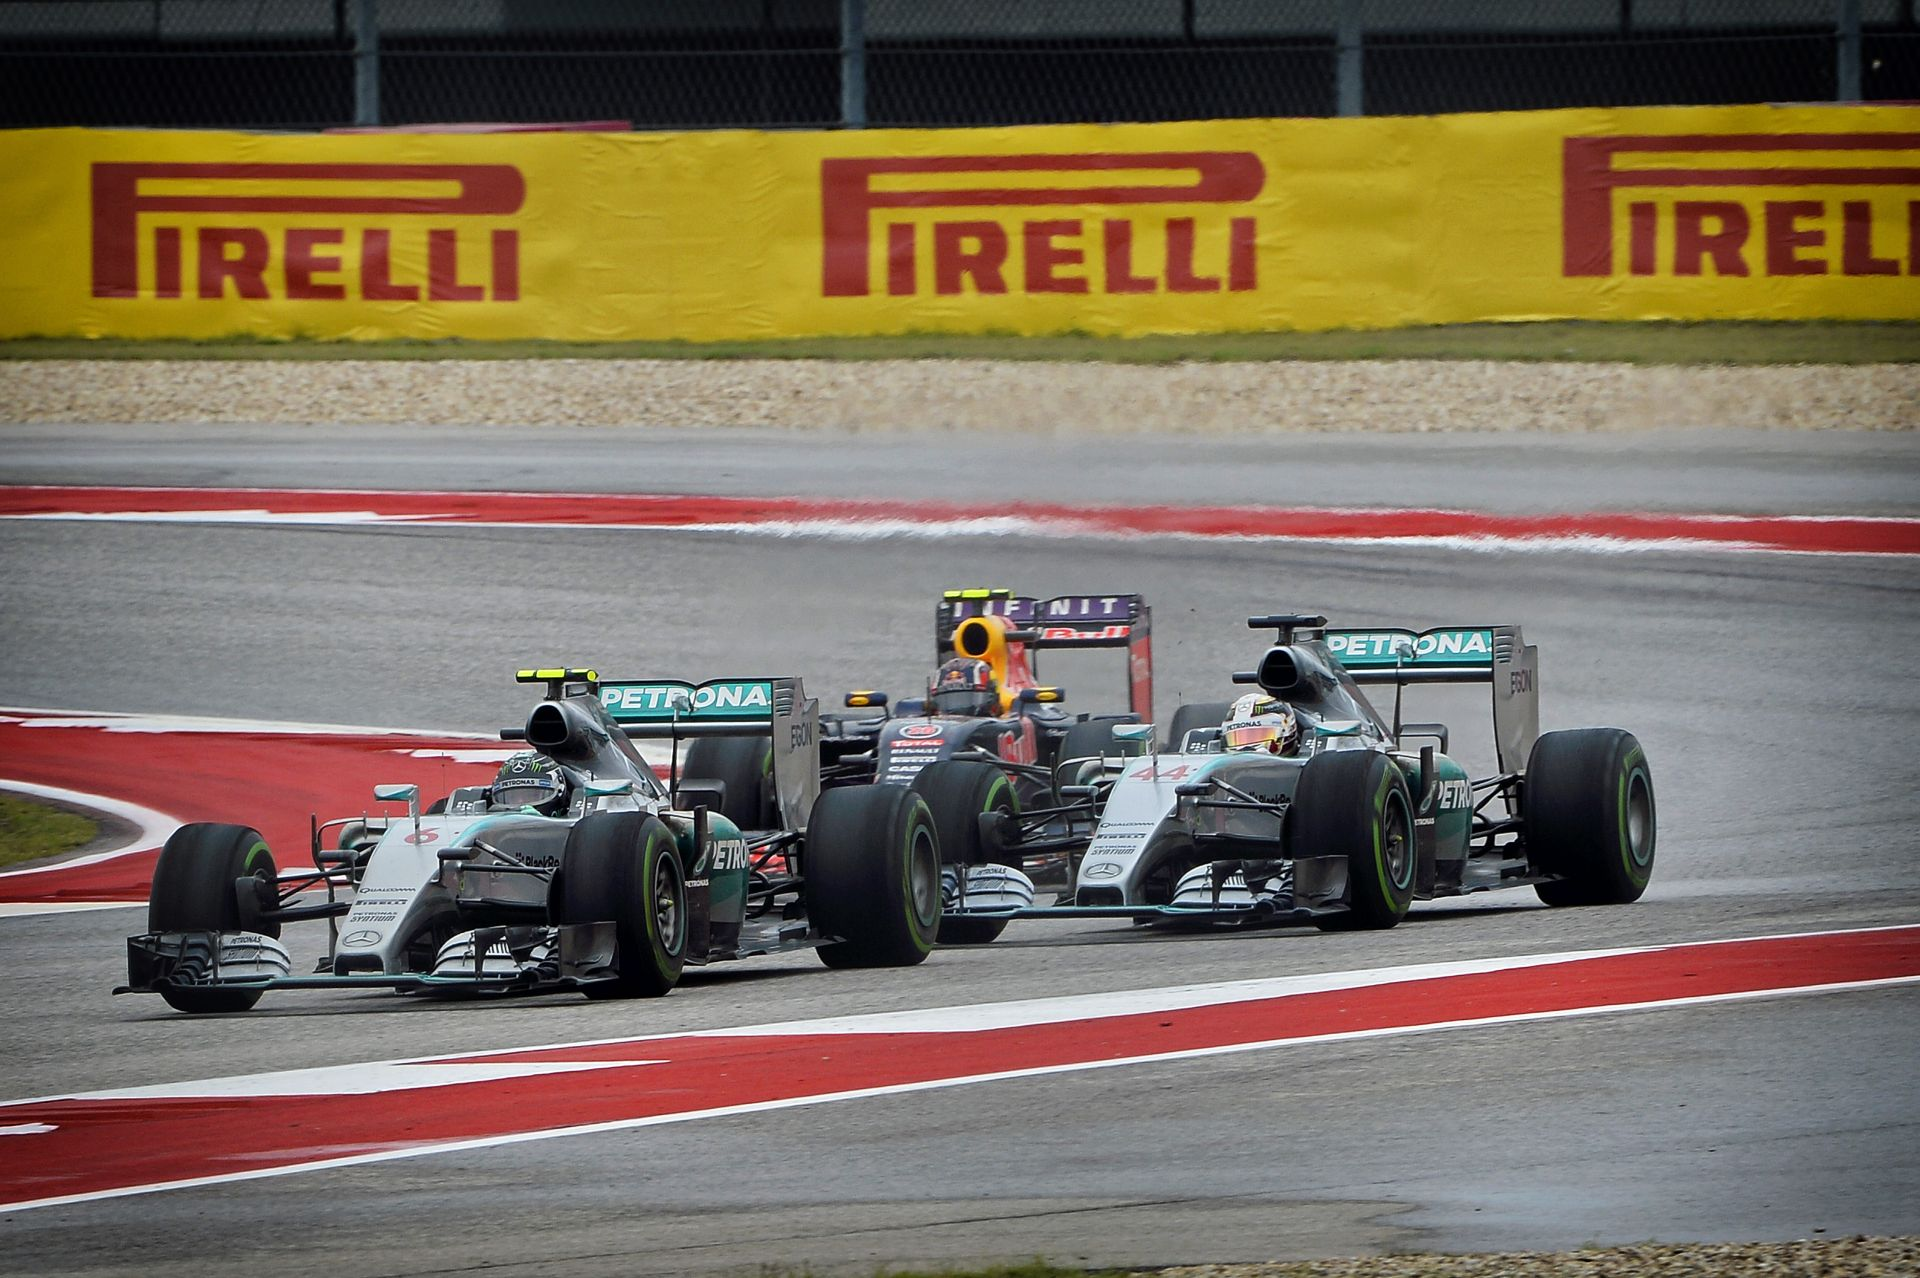 A Mercedes akár hátra is dőlhetne Mexikóban... de nem fognak!